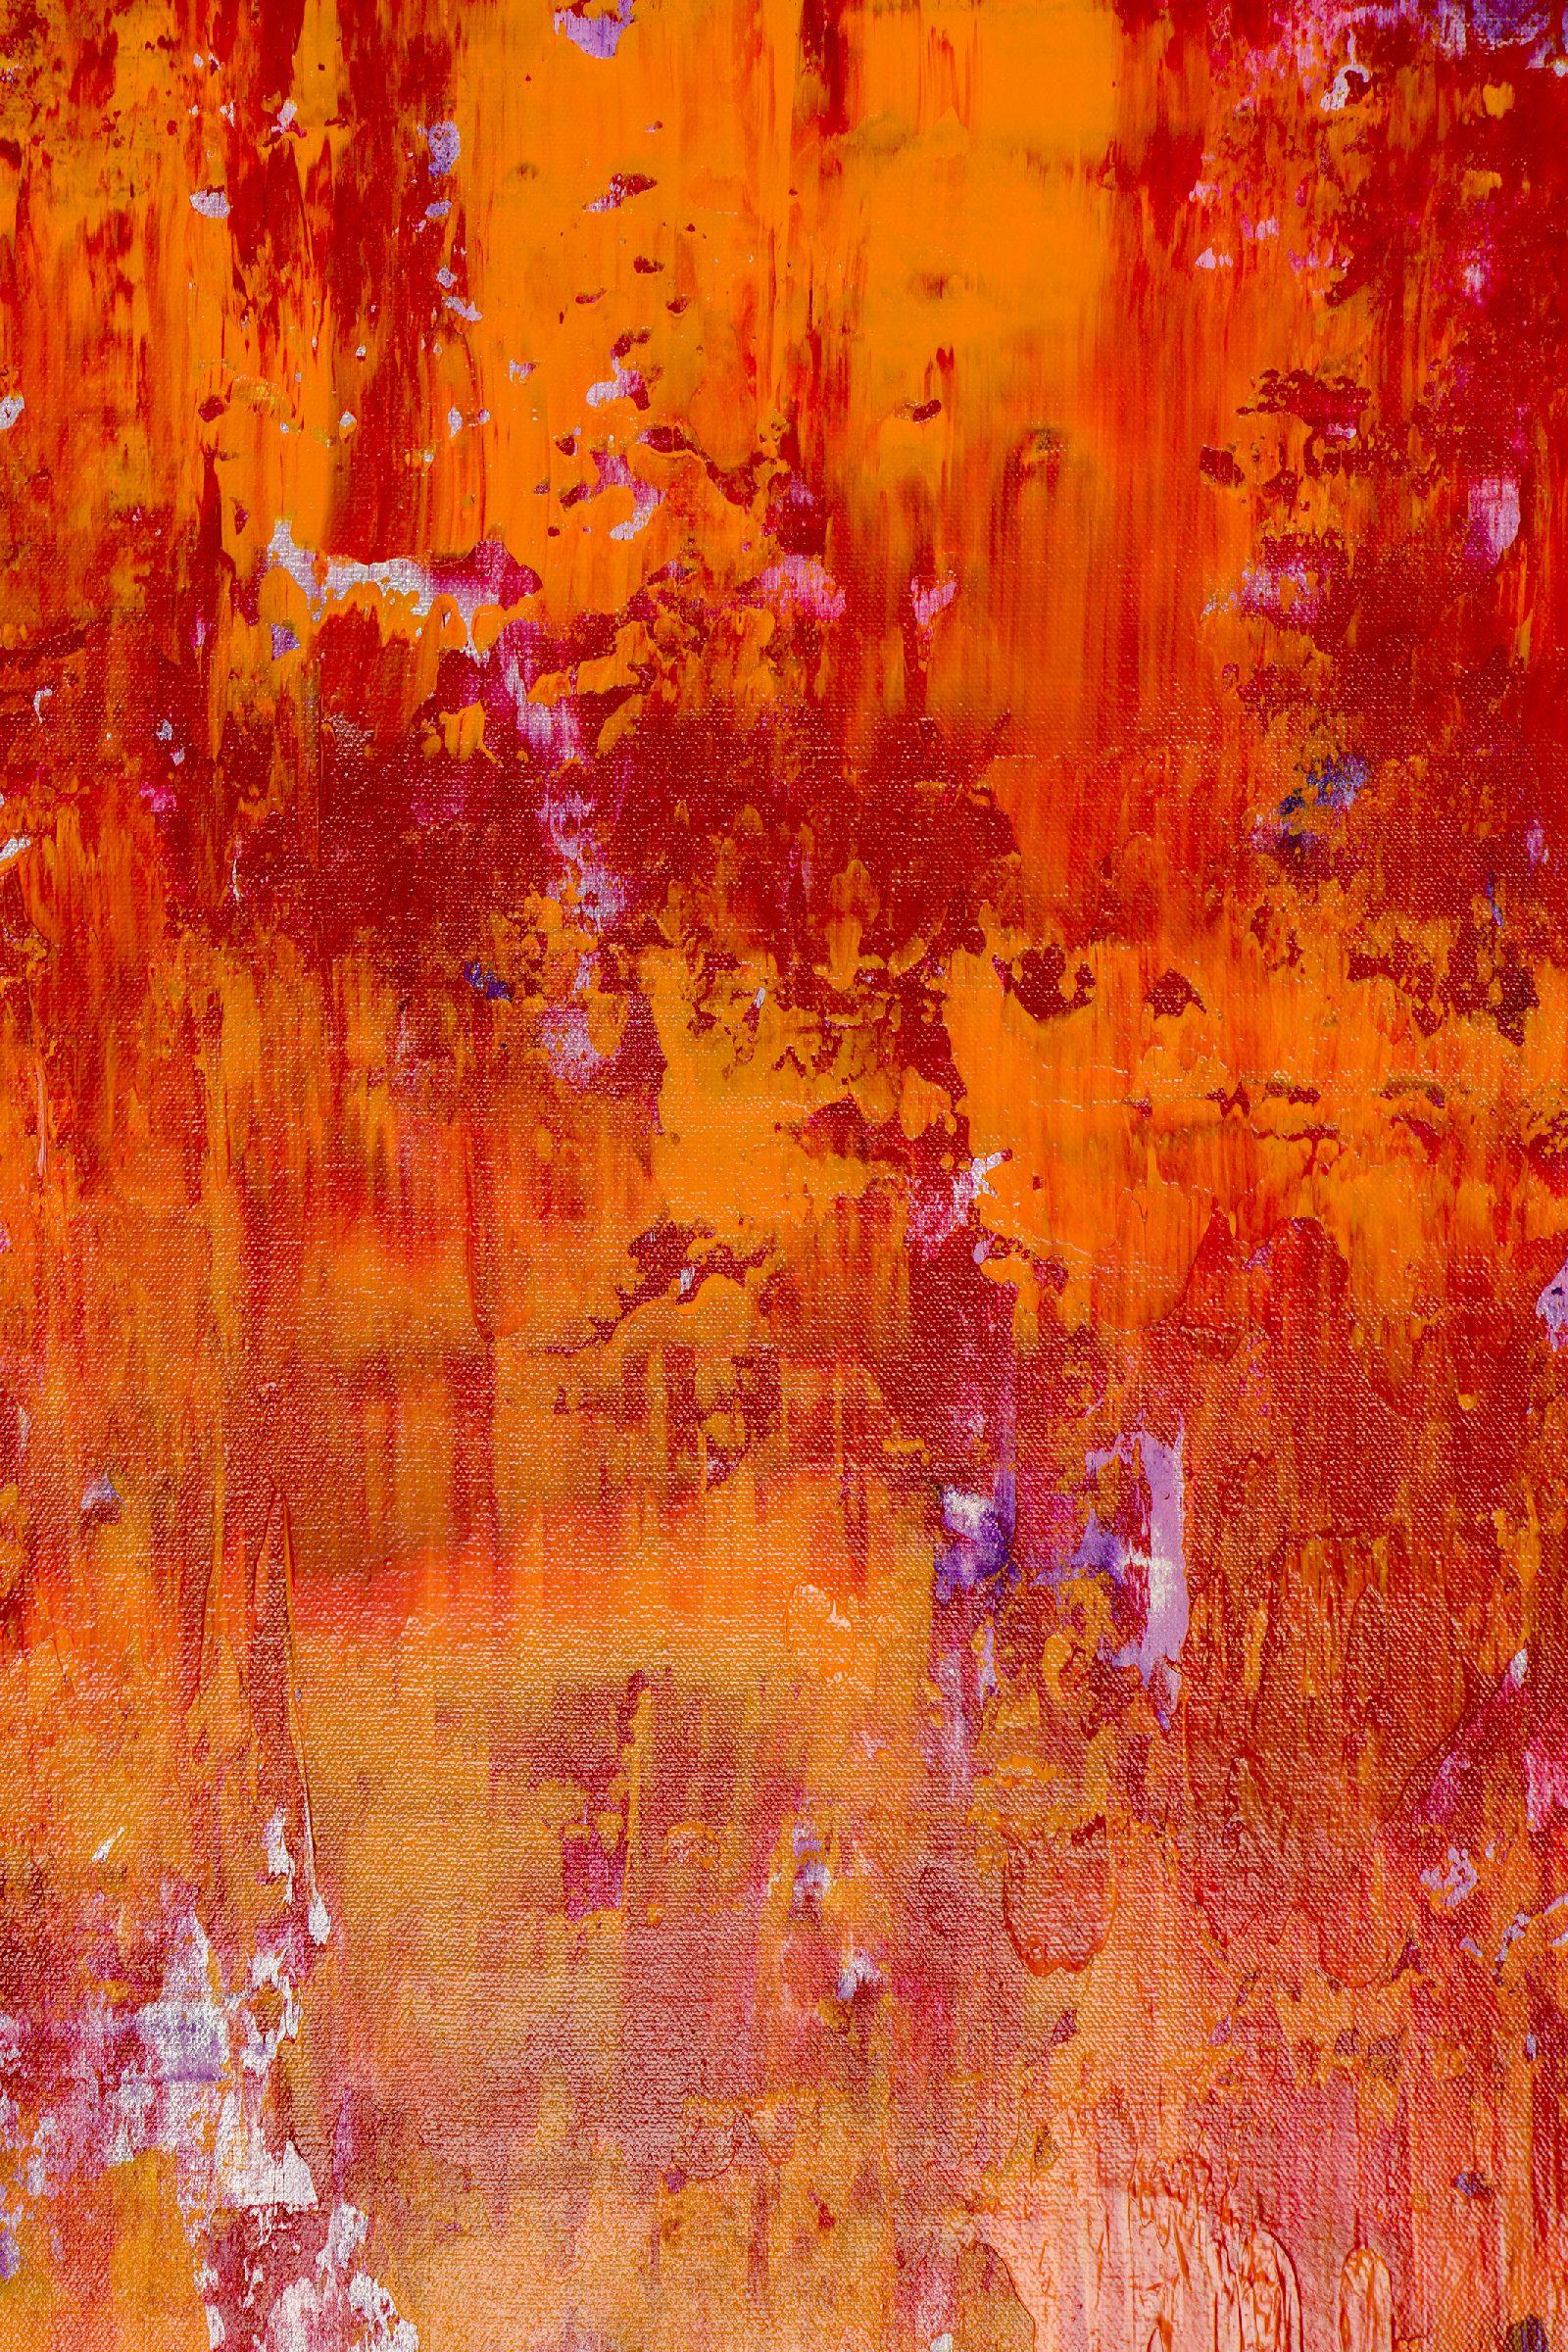 Detail - Fiery Dimensions (2020) by Nestor Toro